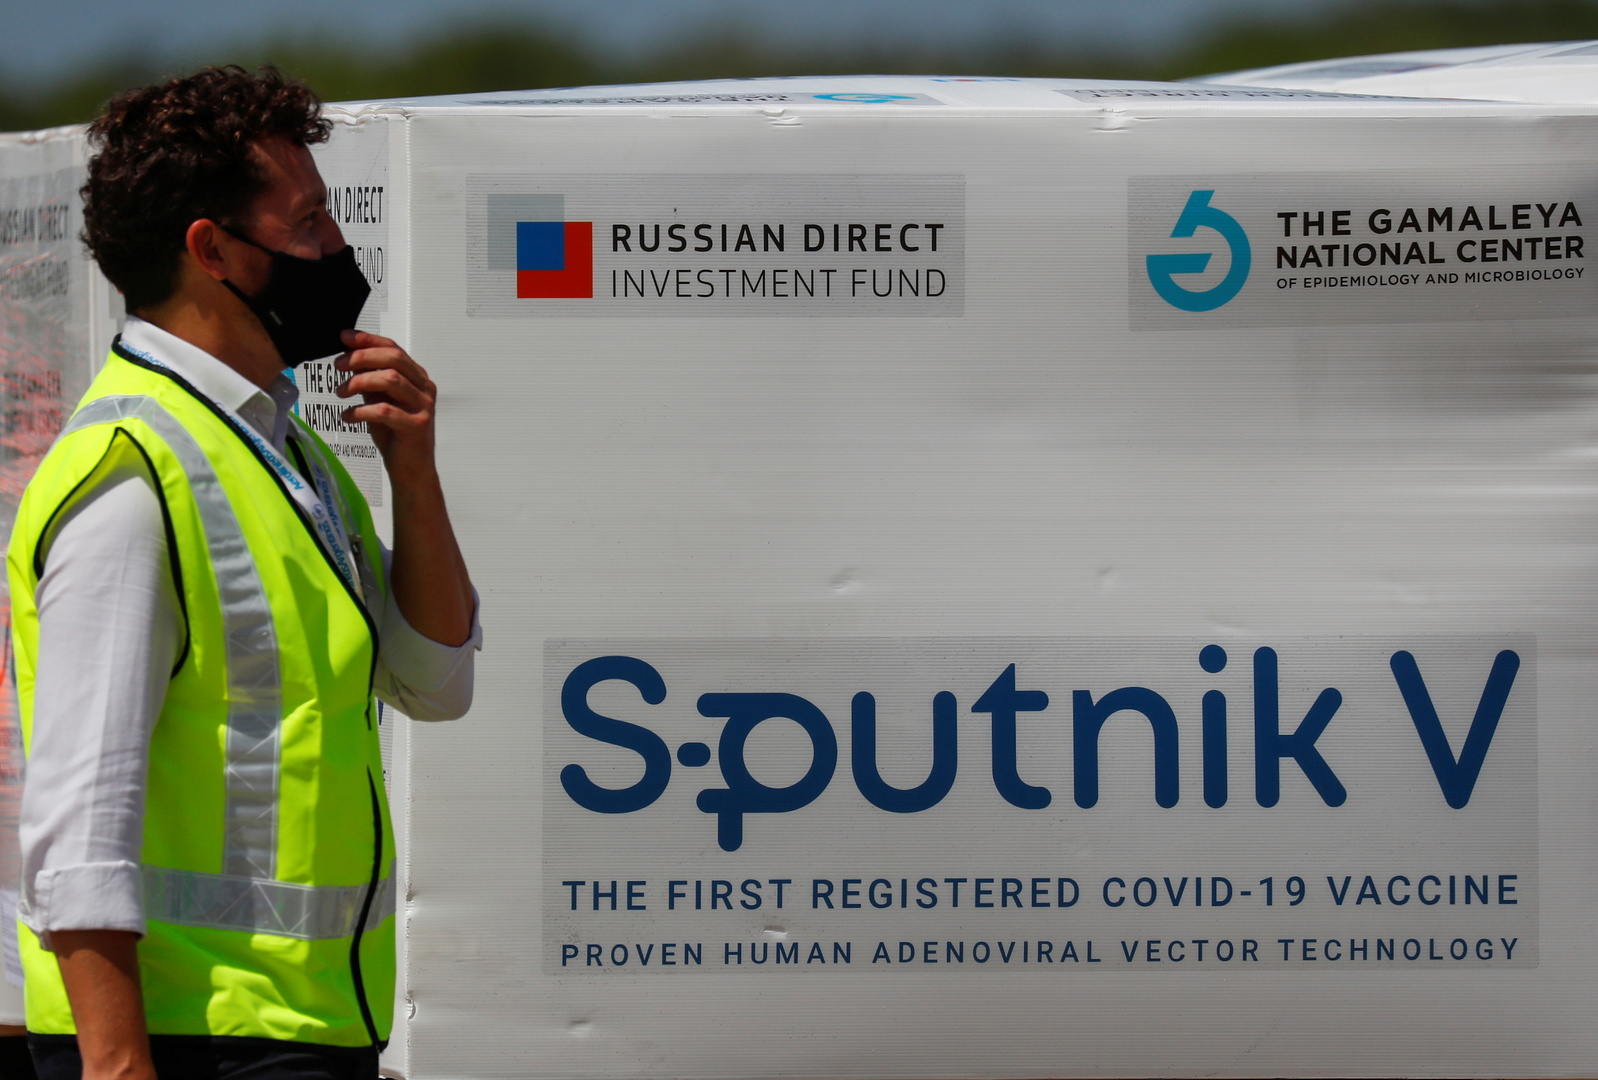 شحنة من لقاح سبوتنيك في الروسي، صورة تعبيرية من الأرشيف